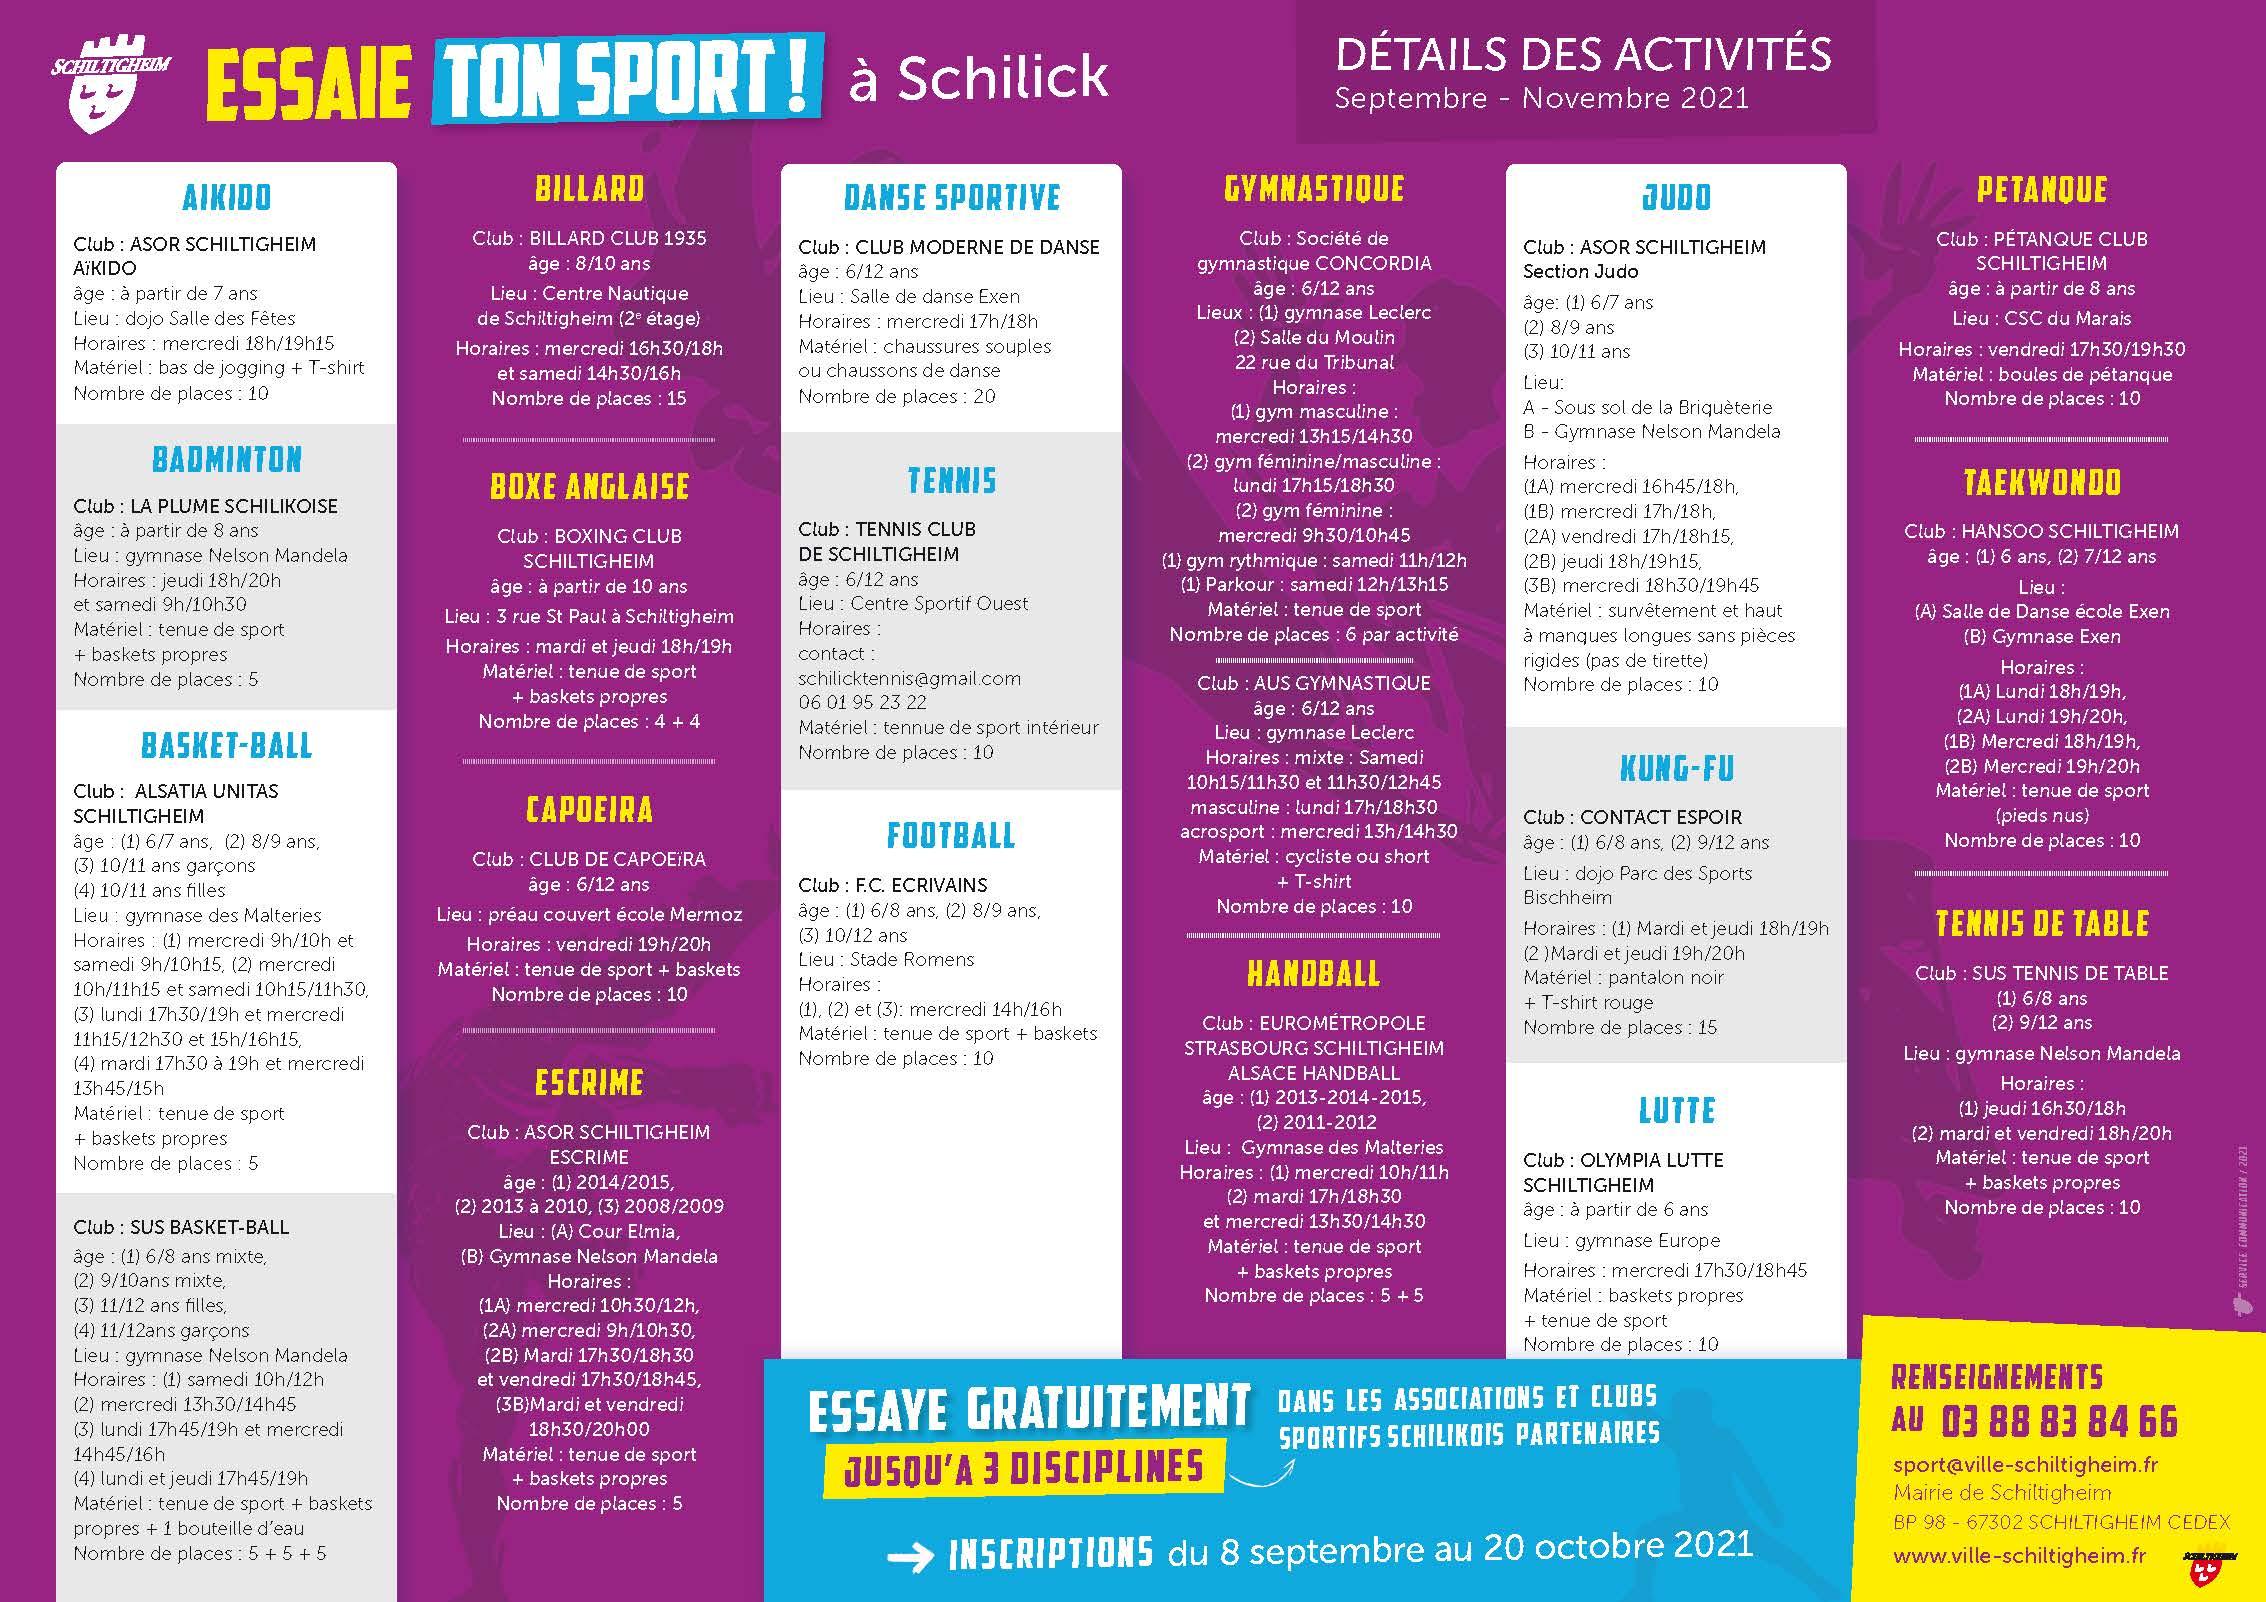 Détails des activités Essaie ton sport – Septembre 2021